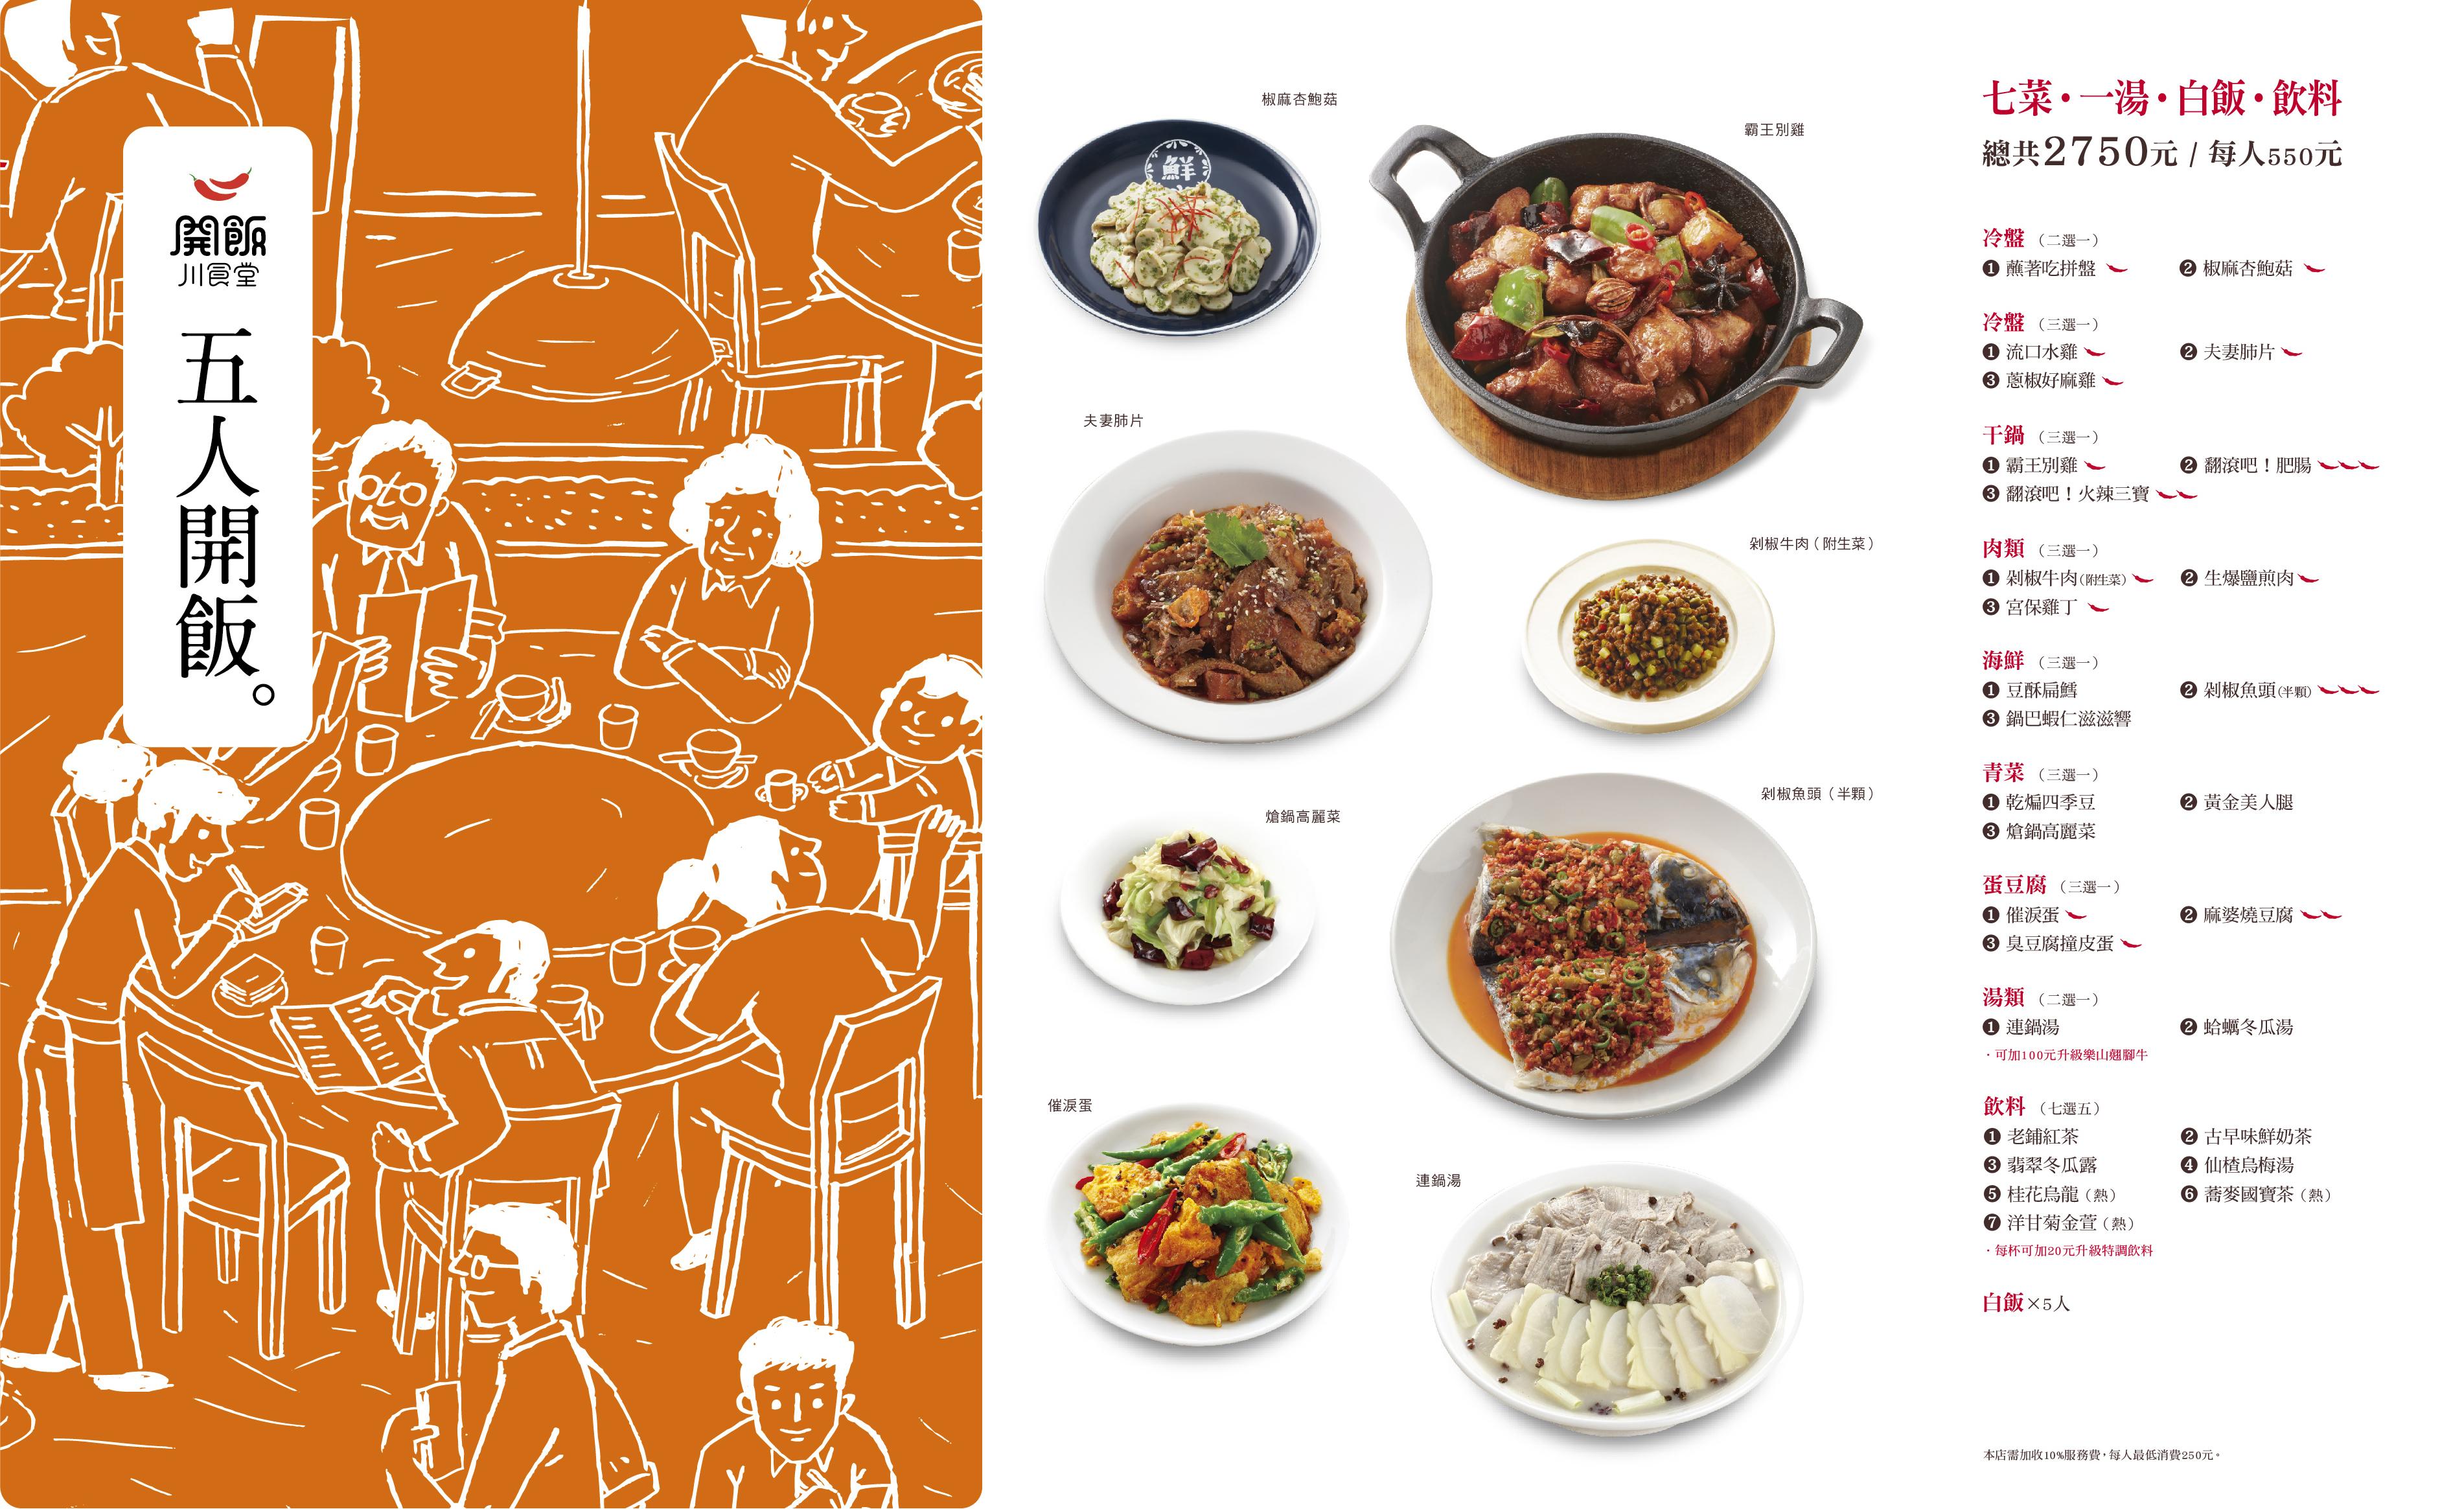 開飯川食堂 菜單 台中 套餐04